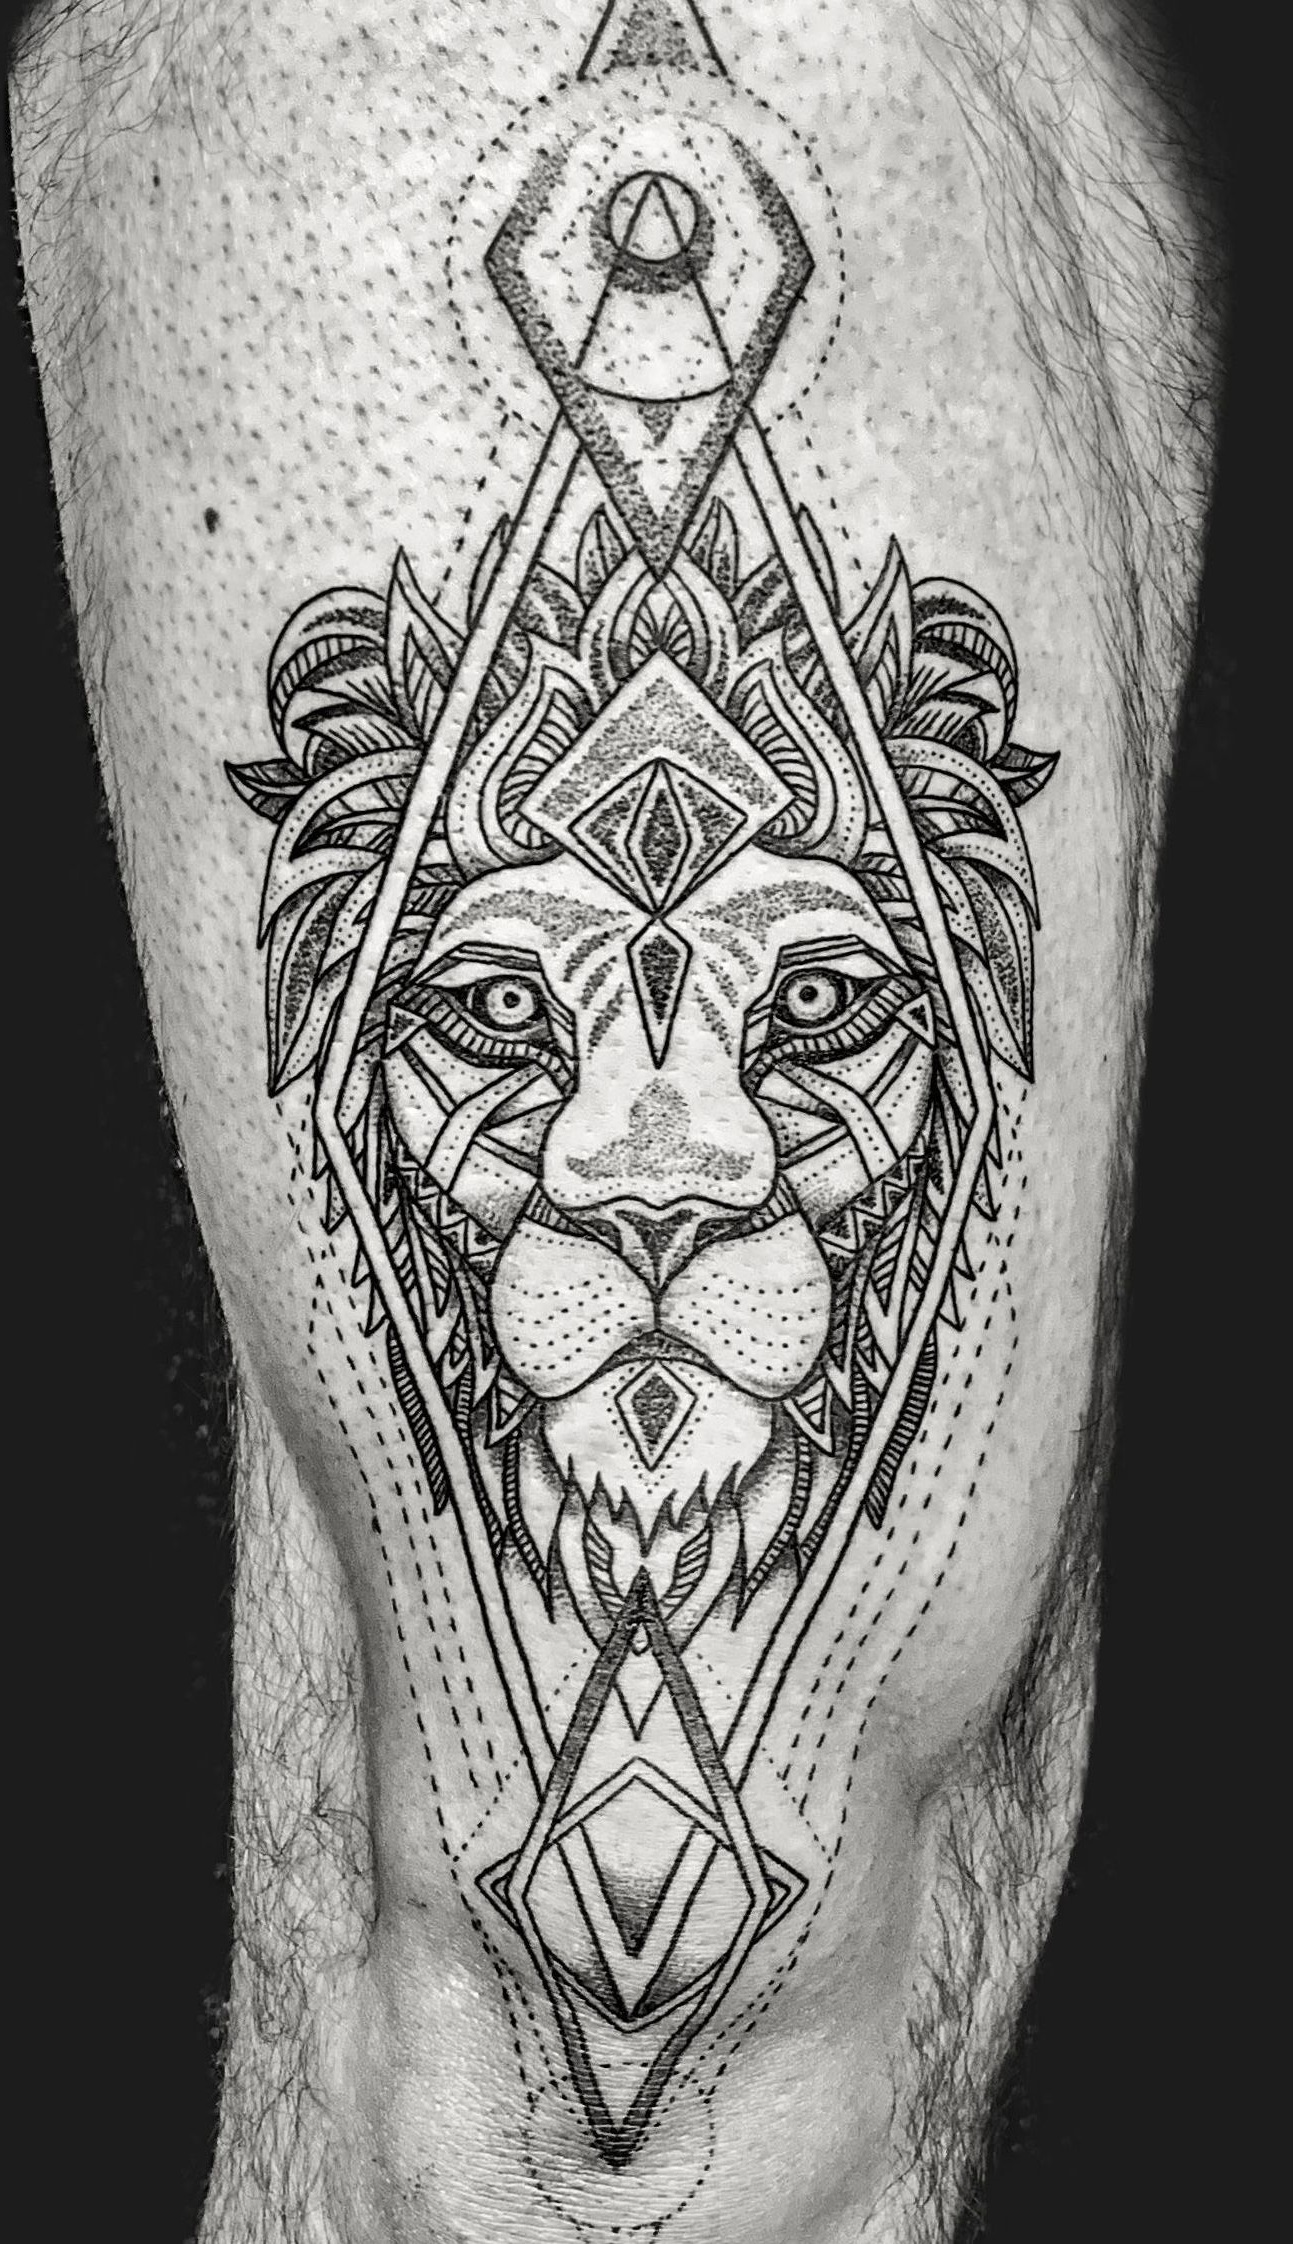 Idée pour votre prochain dessin sur la peau.